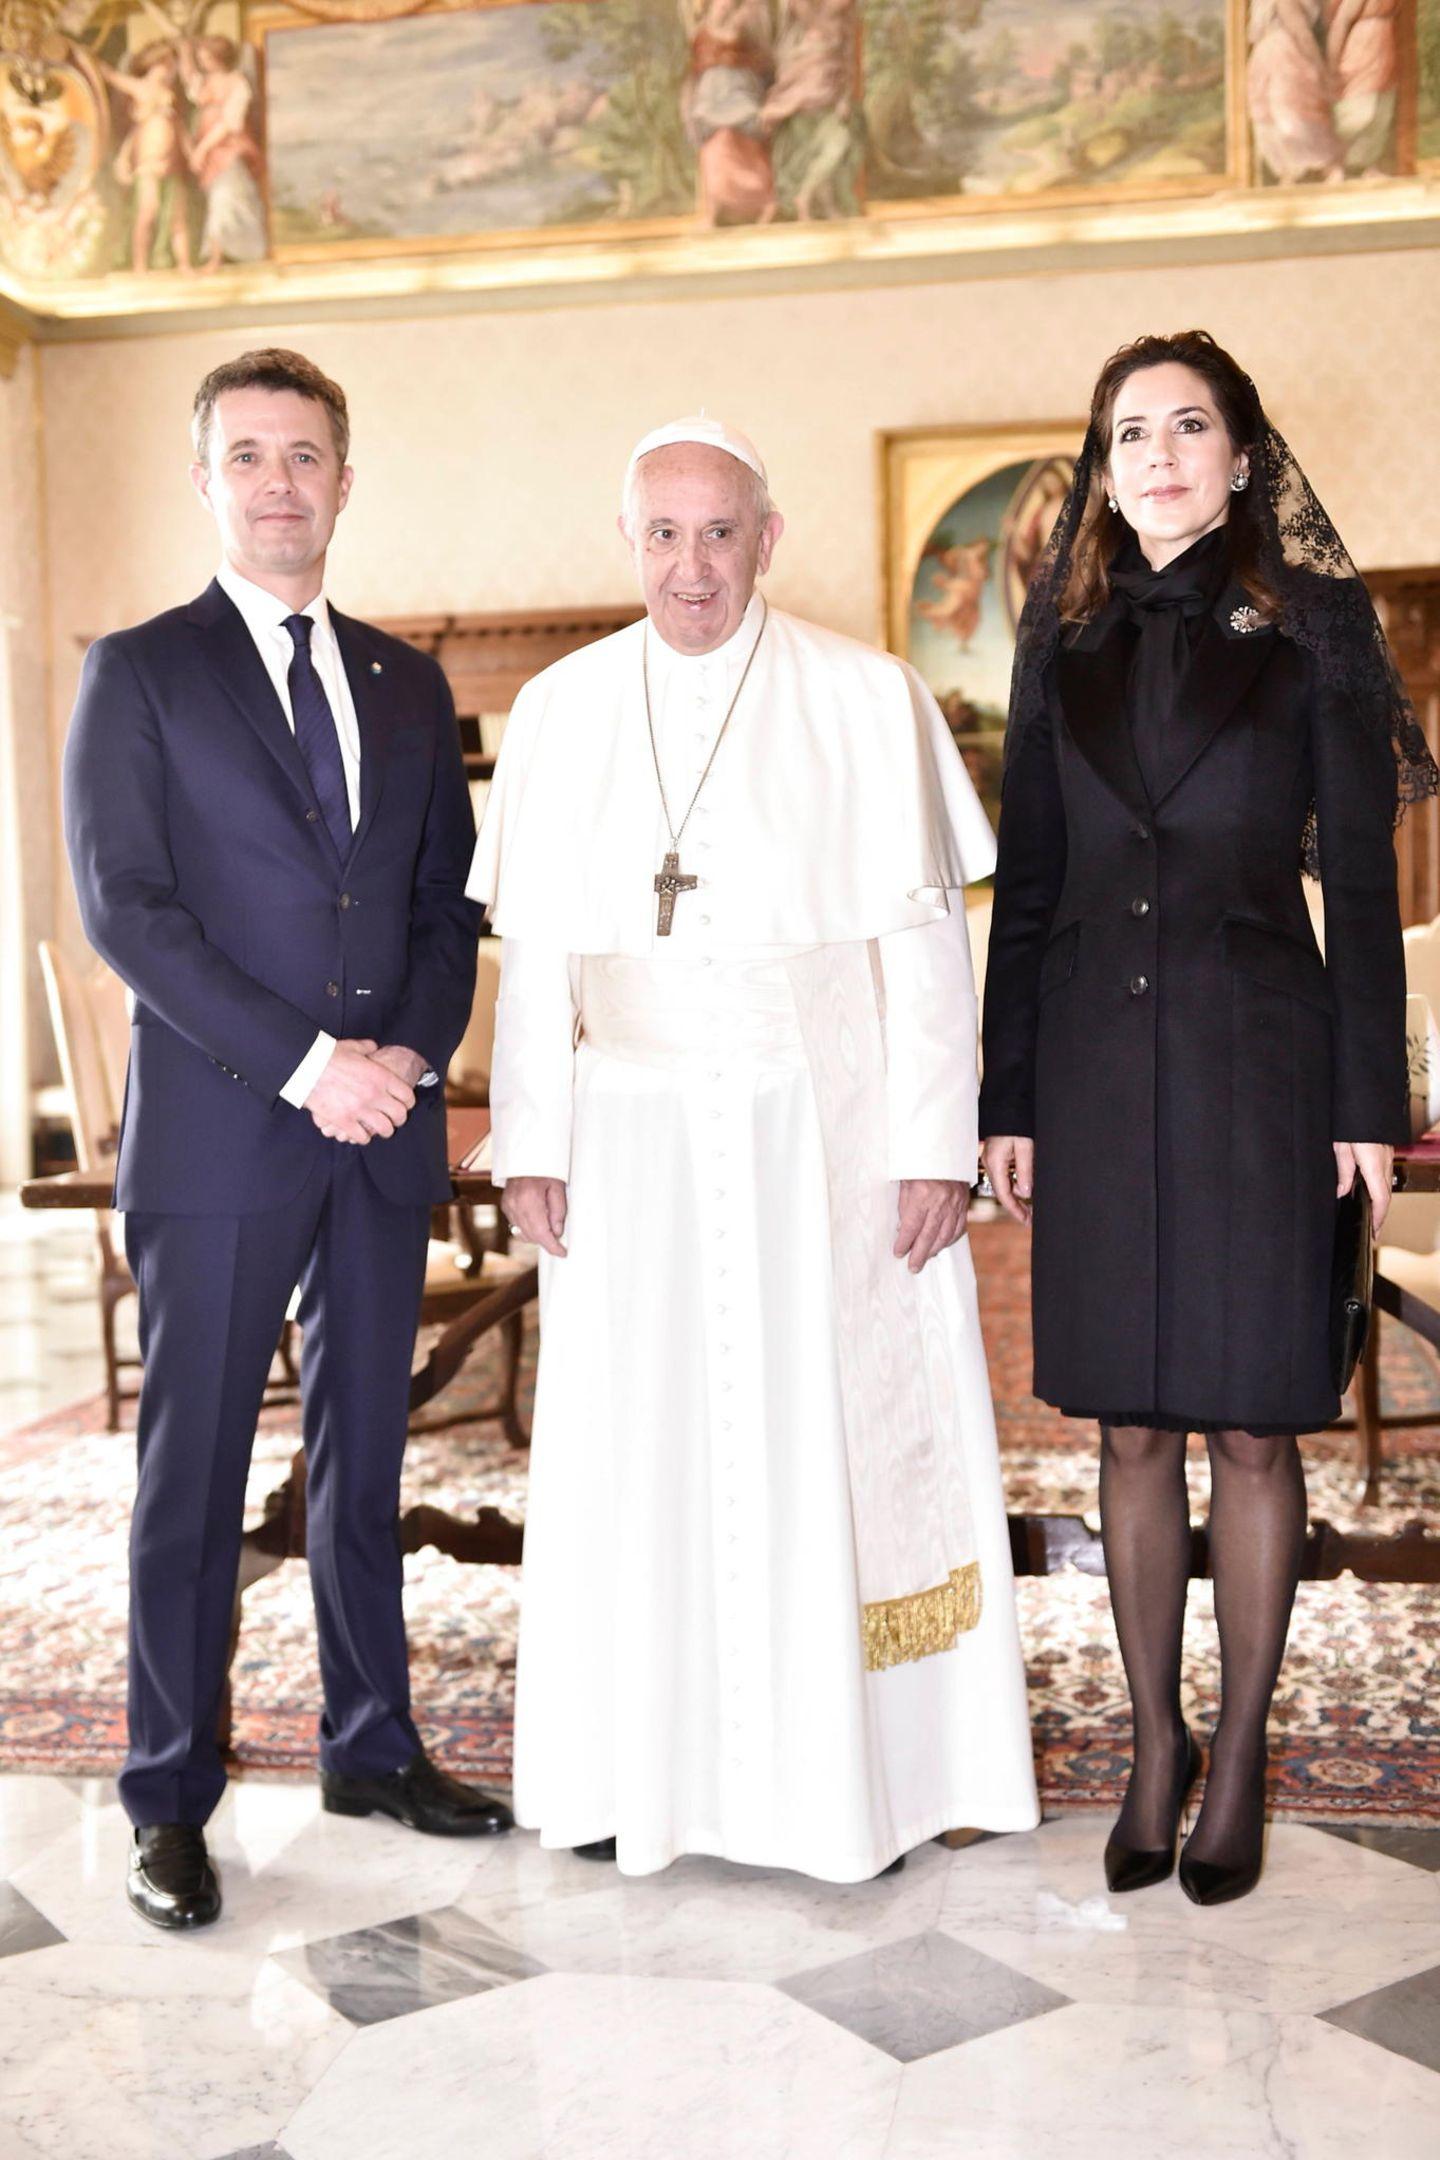 8. November 2018  Prinzessin Mary und Prinz Frederik statten während ihrer Wirtschaftsreise durch Italien dem Papst Franziskus einen Besuch im Vatikan ab.